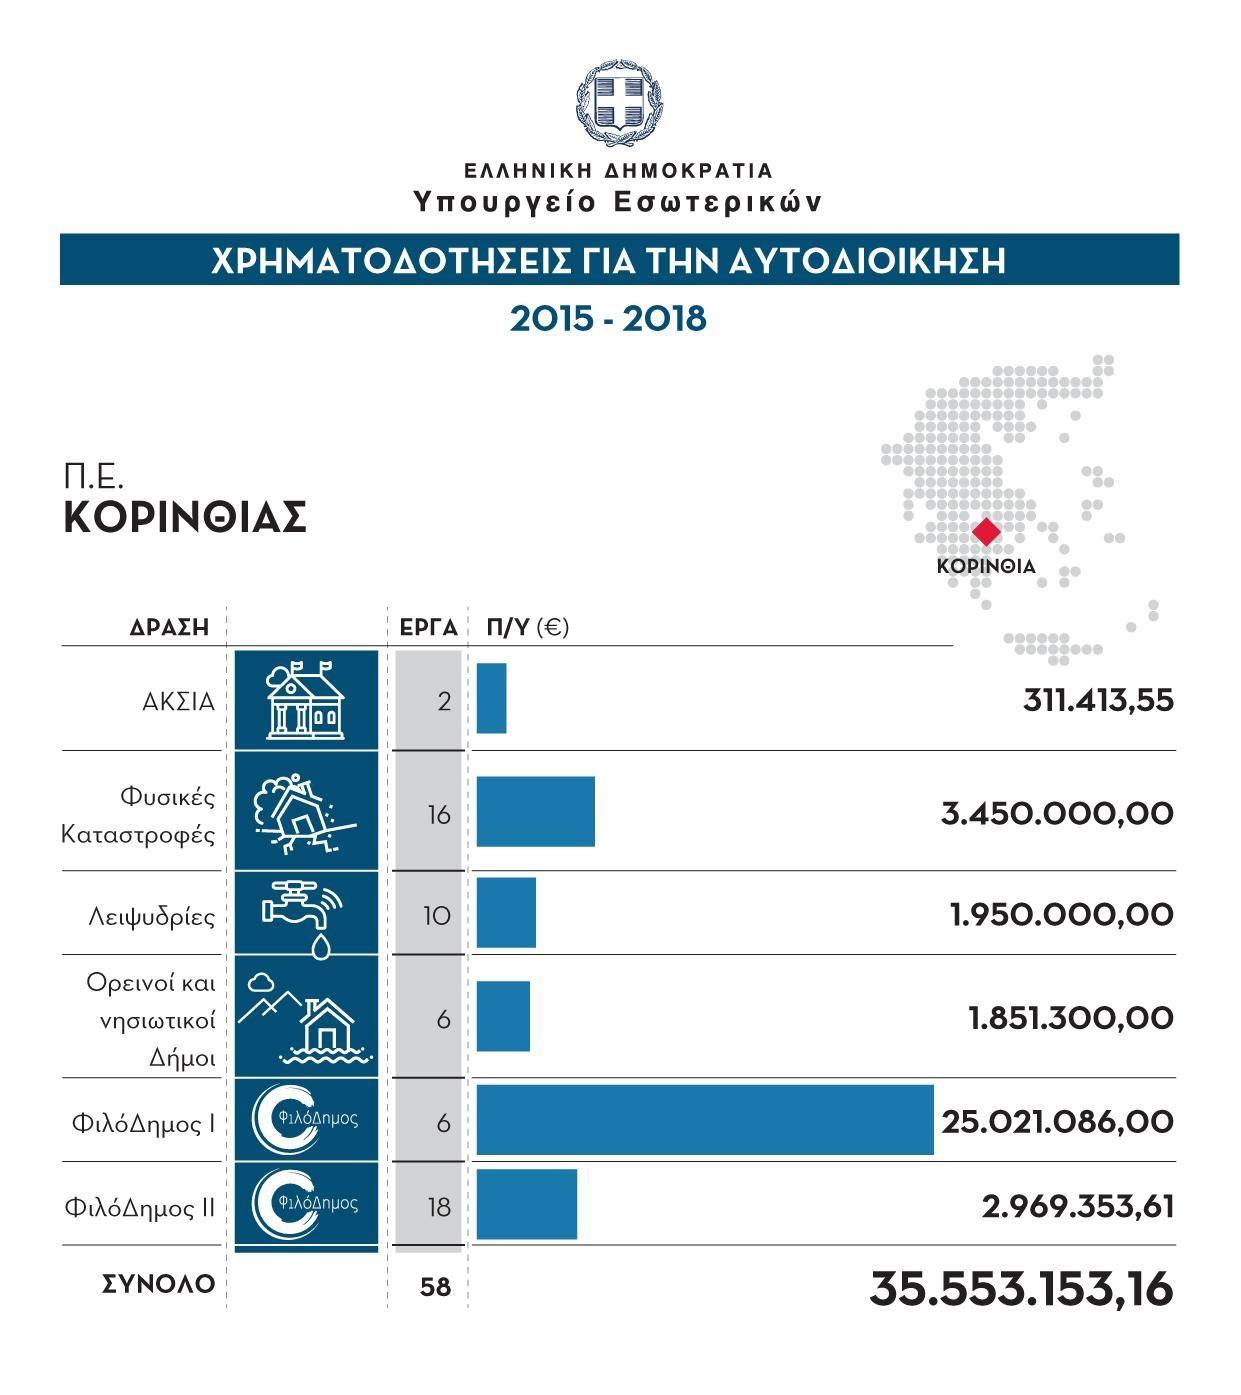 35.553.153 ευρώ στην Κορινθία απο το υπουργείο Εσωτερικών - Morias ...